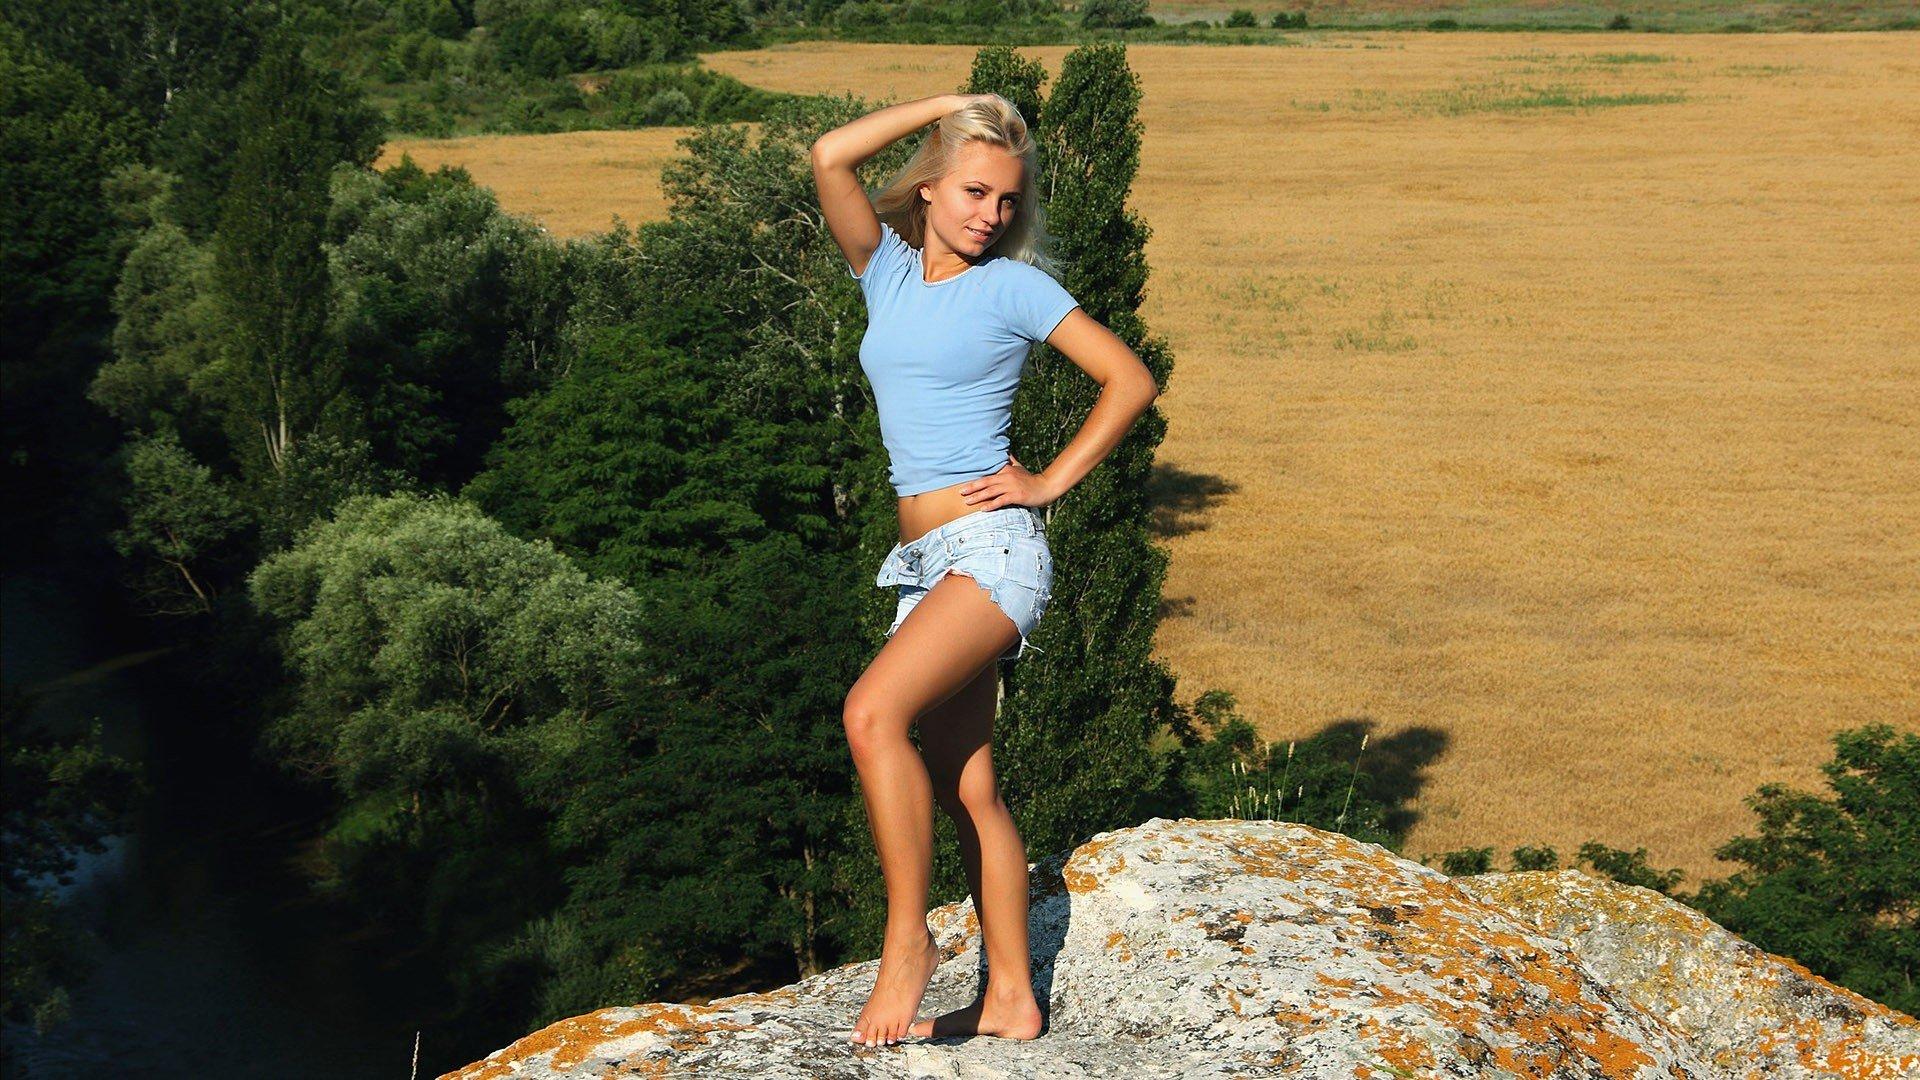 путешествия девушки на природе в коротких юбках отдыхают фото видели